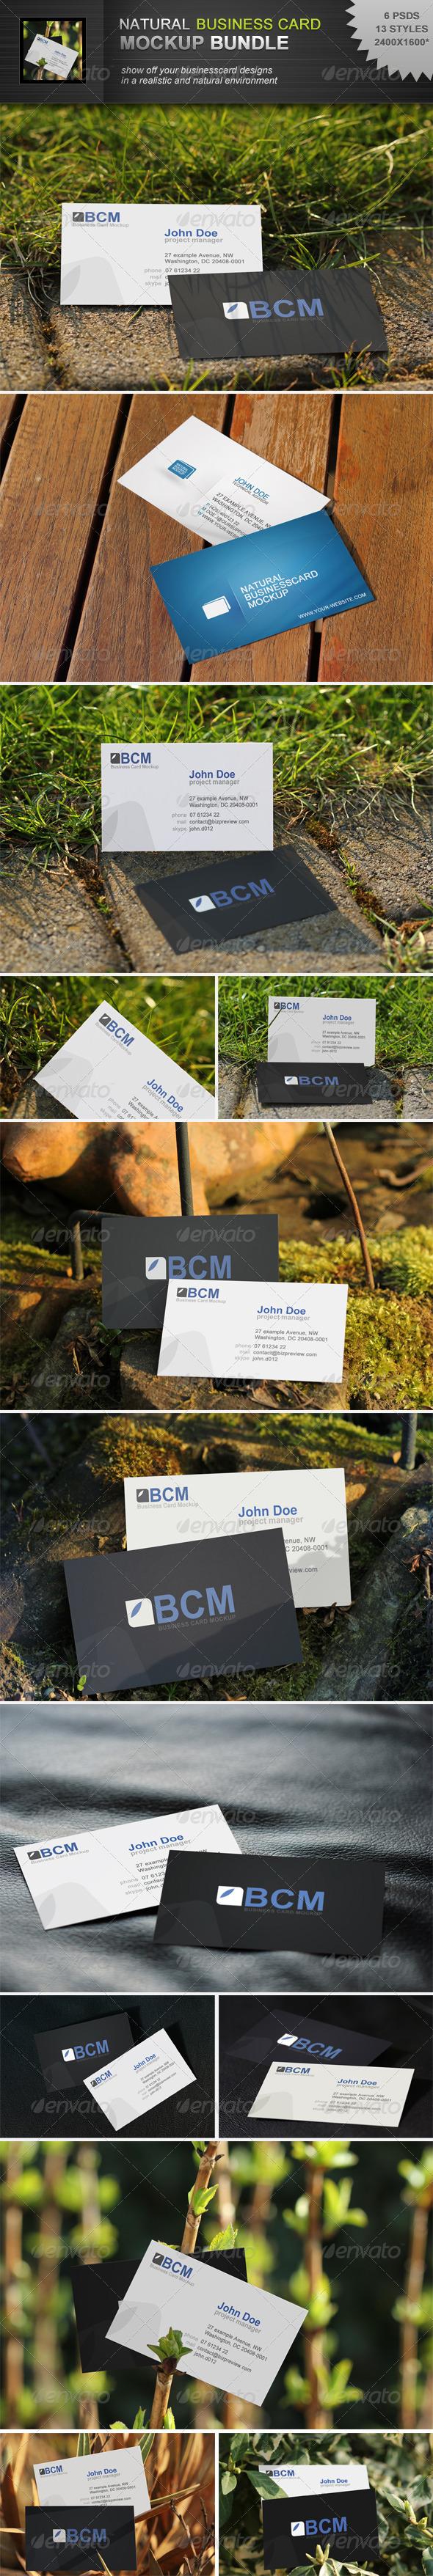 Natural Businesscard Mockup Bundle - Business Cards Print